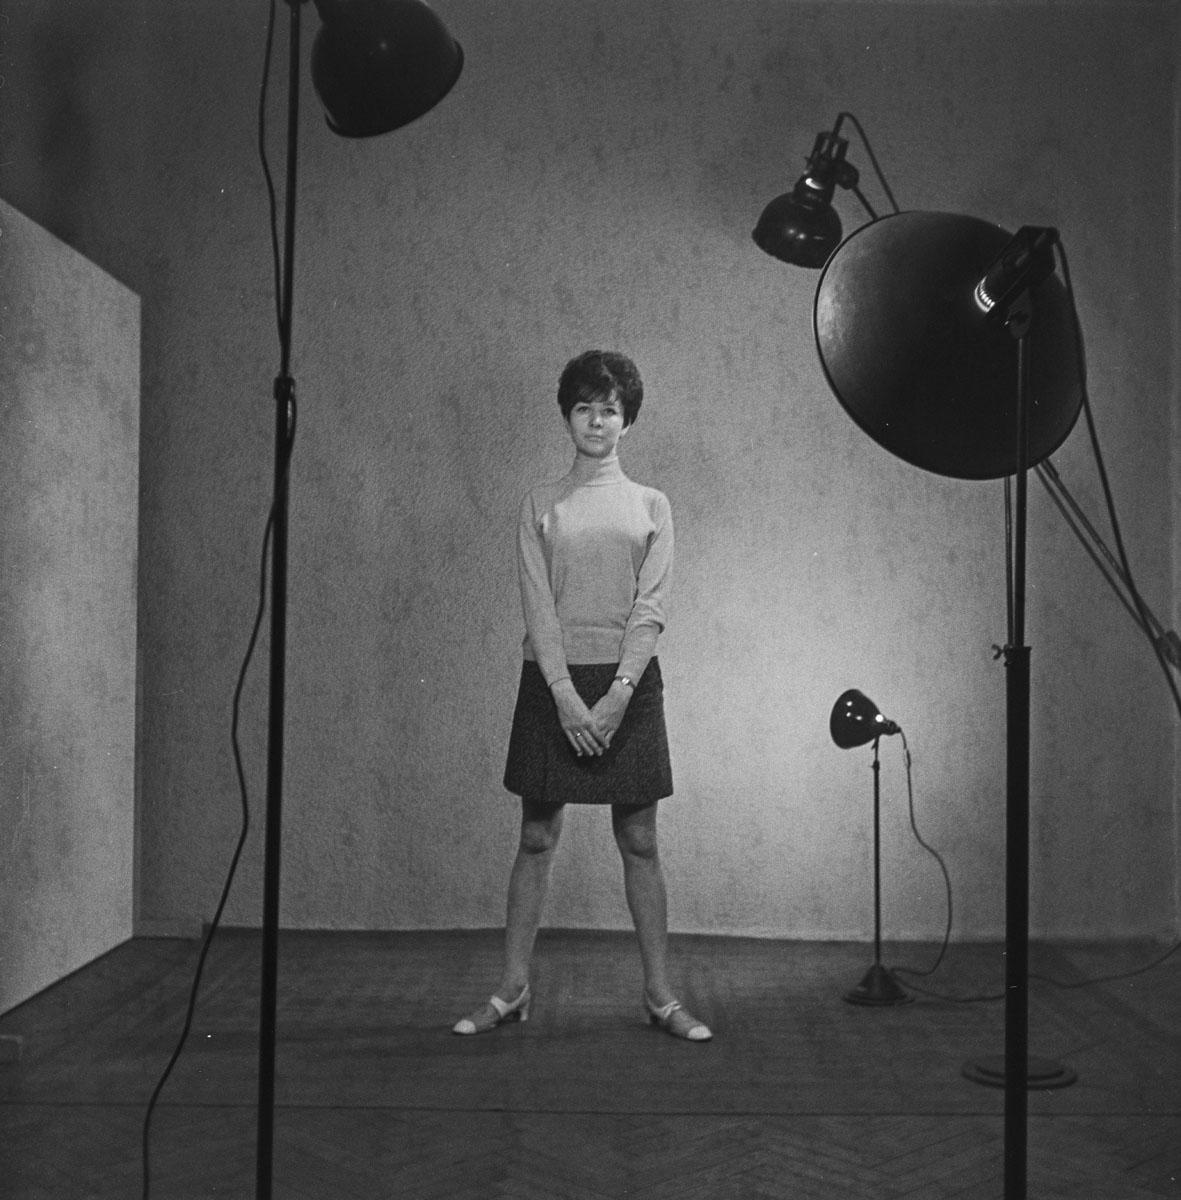 Odczytywanie, mat. prasowe, Fundacja dla Filmu iFotografii (1)